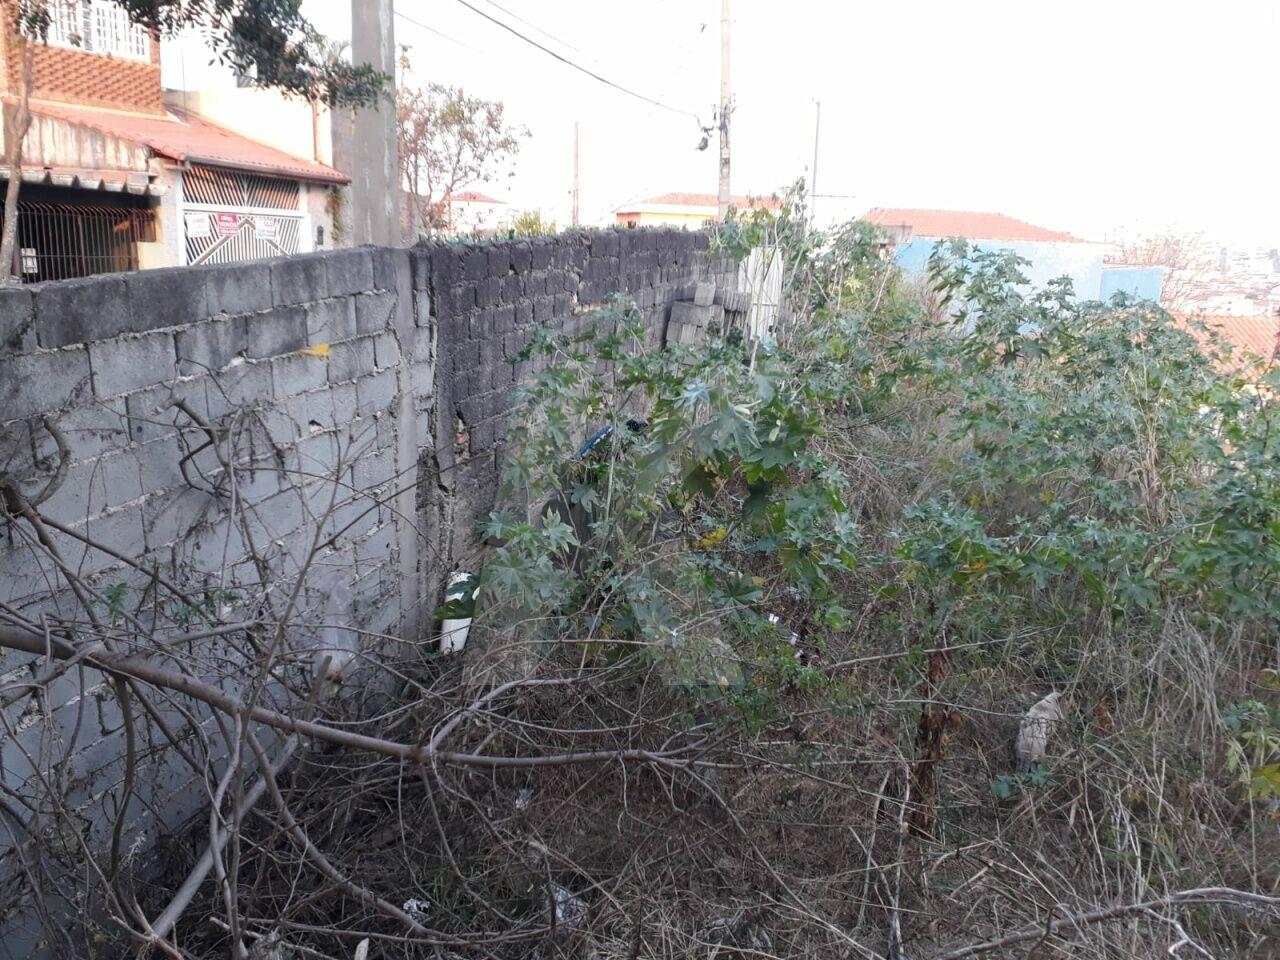 Terreno Vila Gustavo -  Dormitório(s) - São Paulo - SP - REF. KA14234